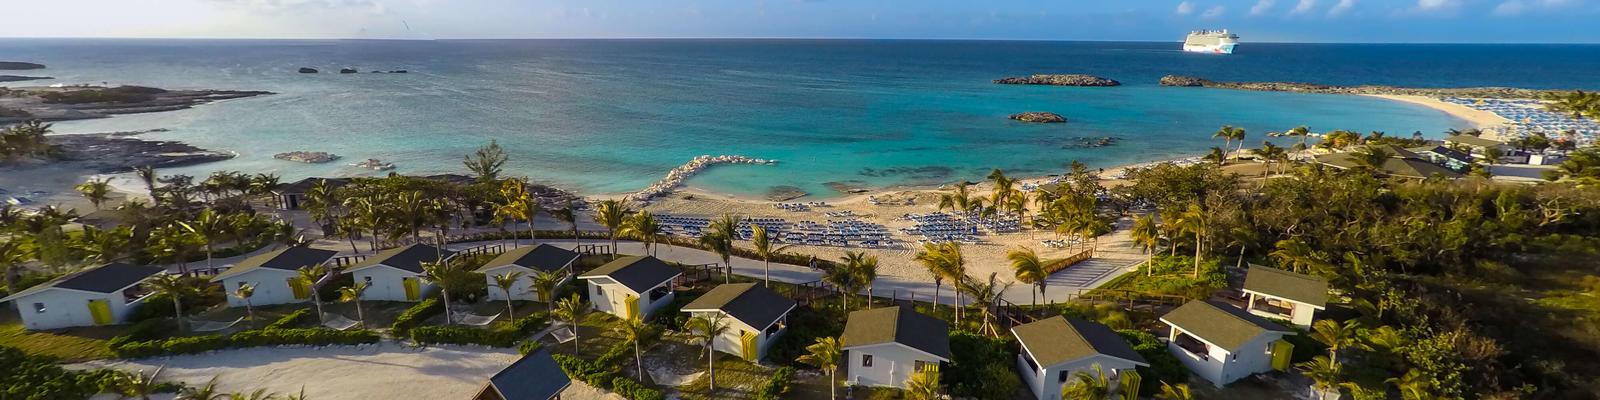 Cabanas on Great Stirrup Cay (Photo: Norwegian Cruise Line)